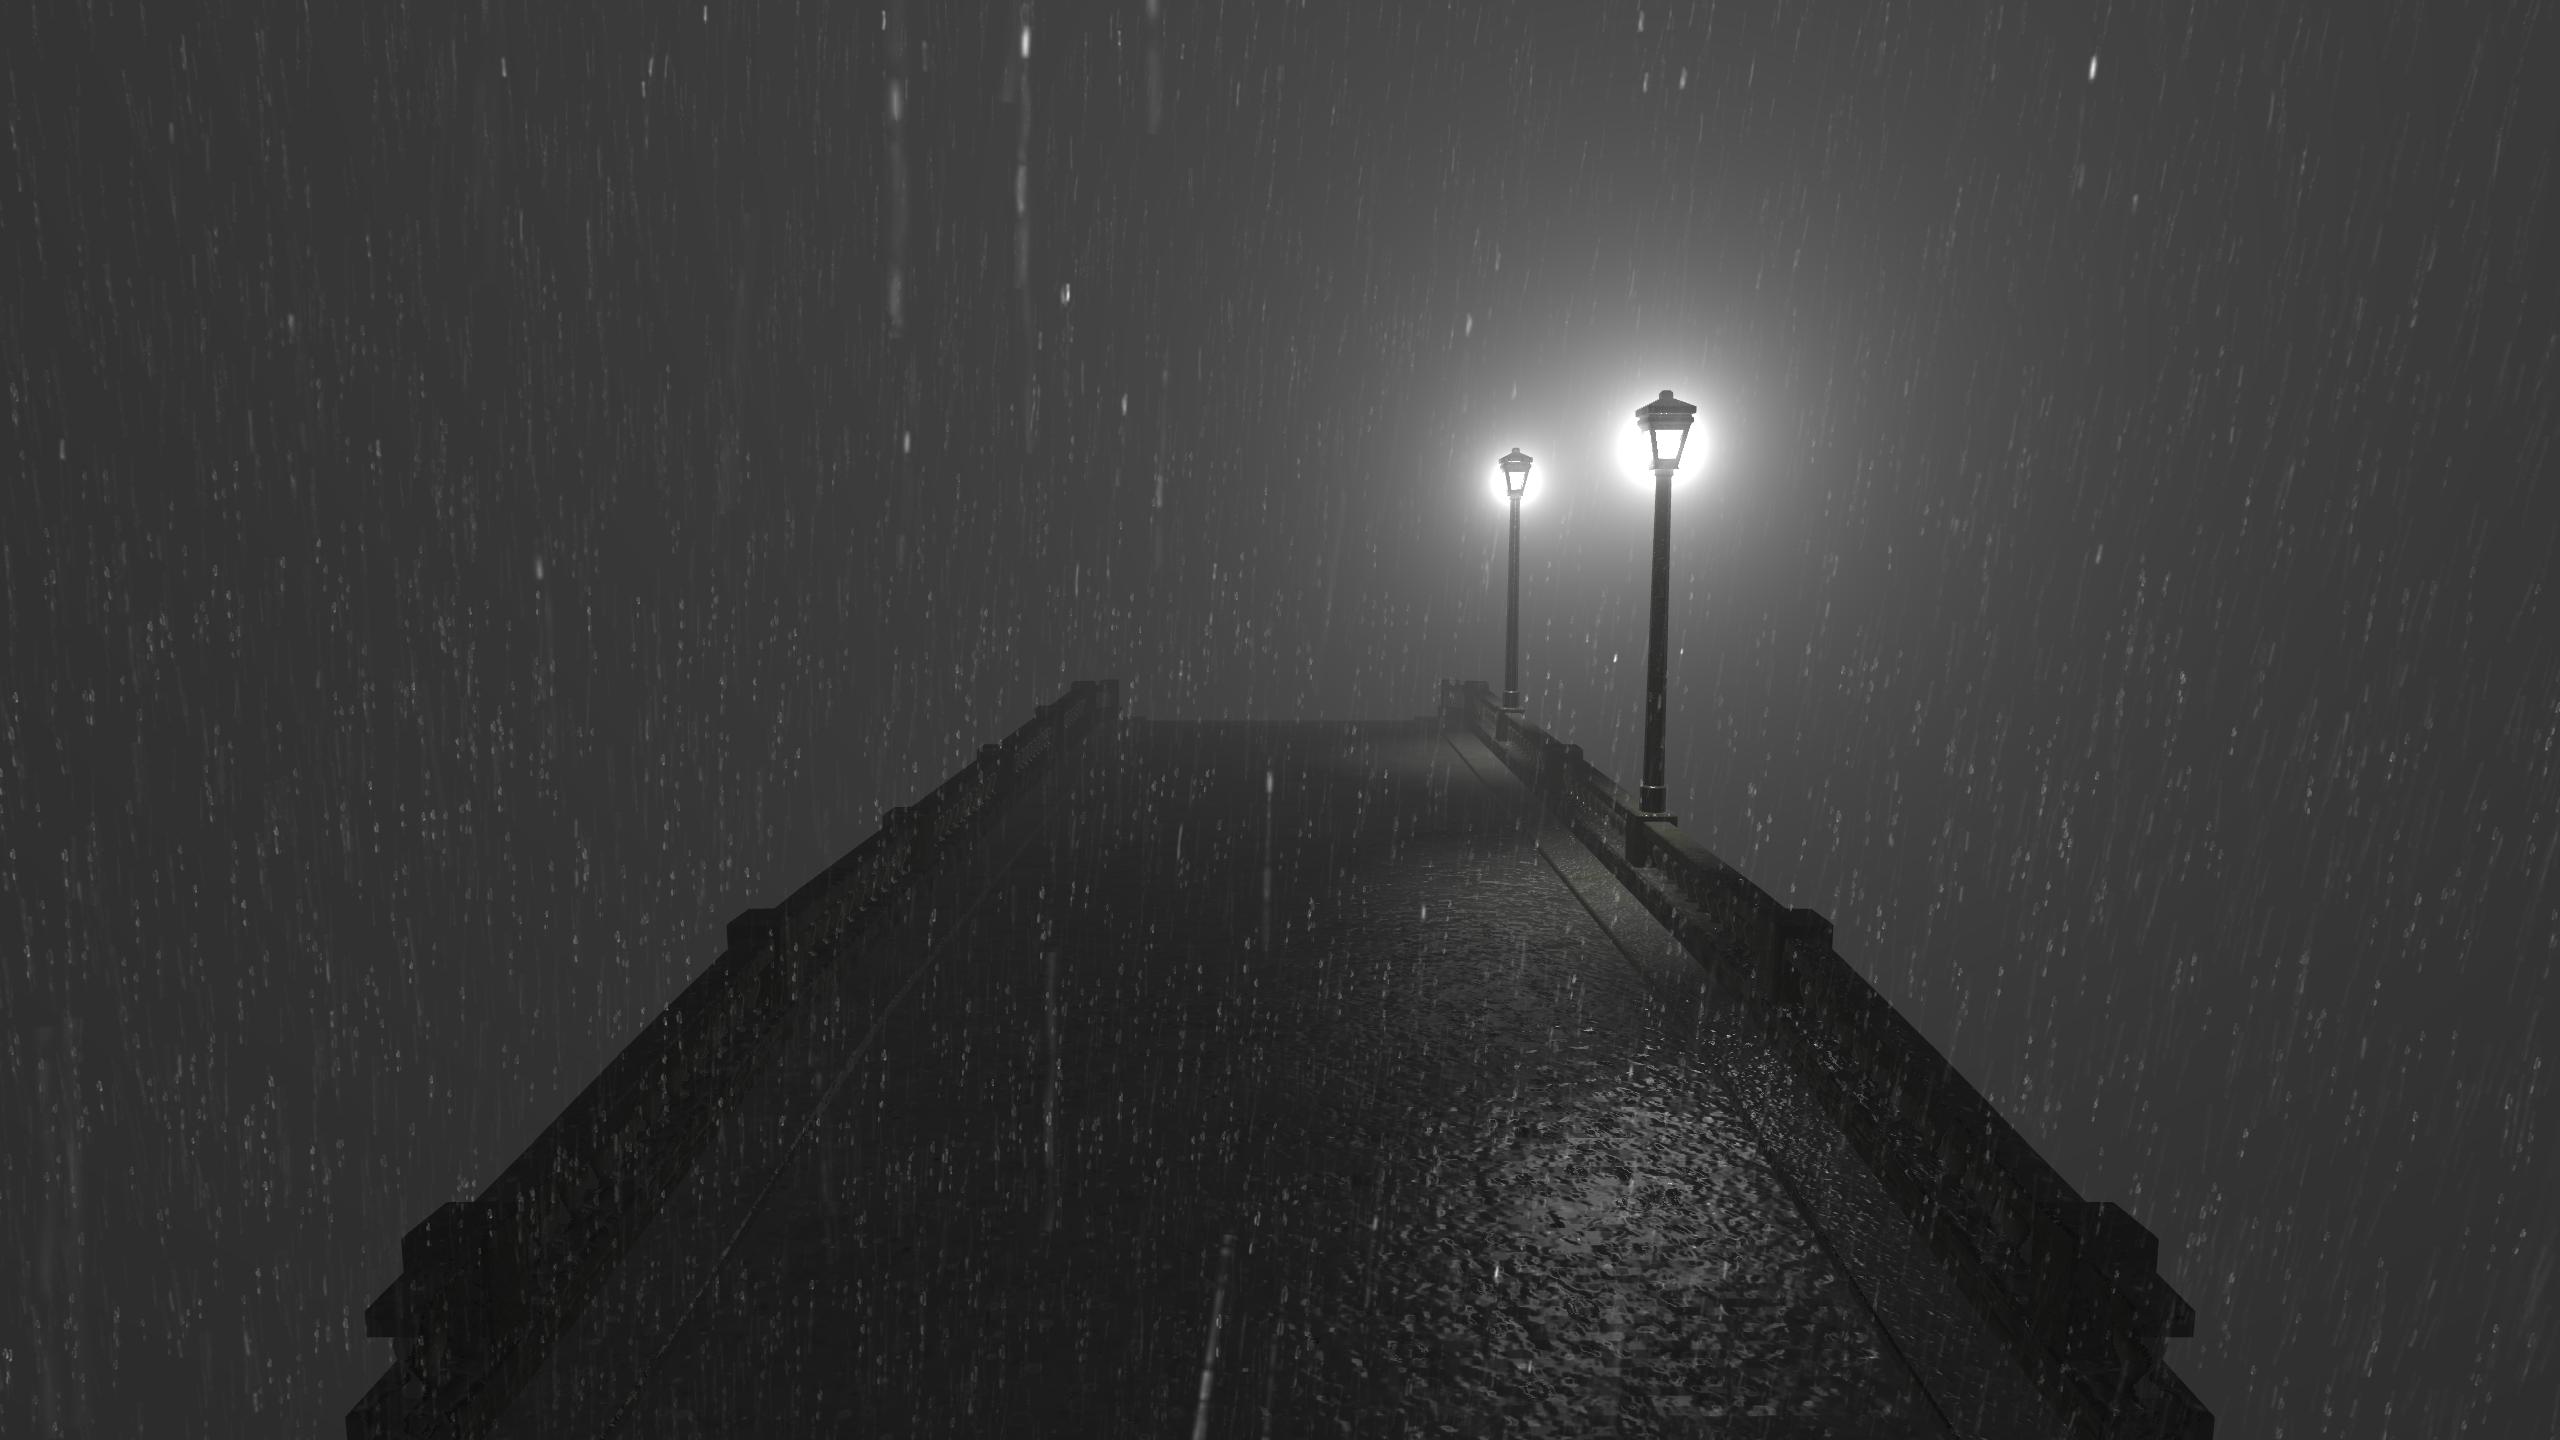 用Unity实现逼真的雨和带散射的雾的效果